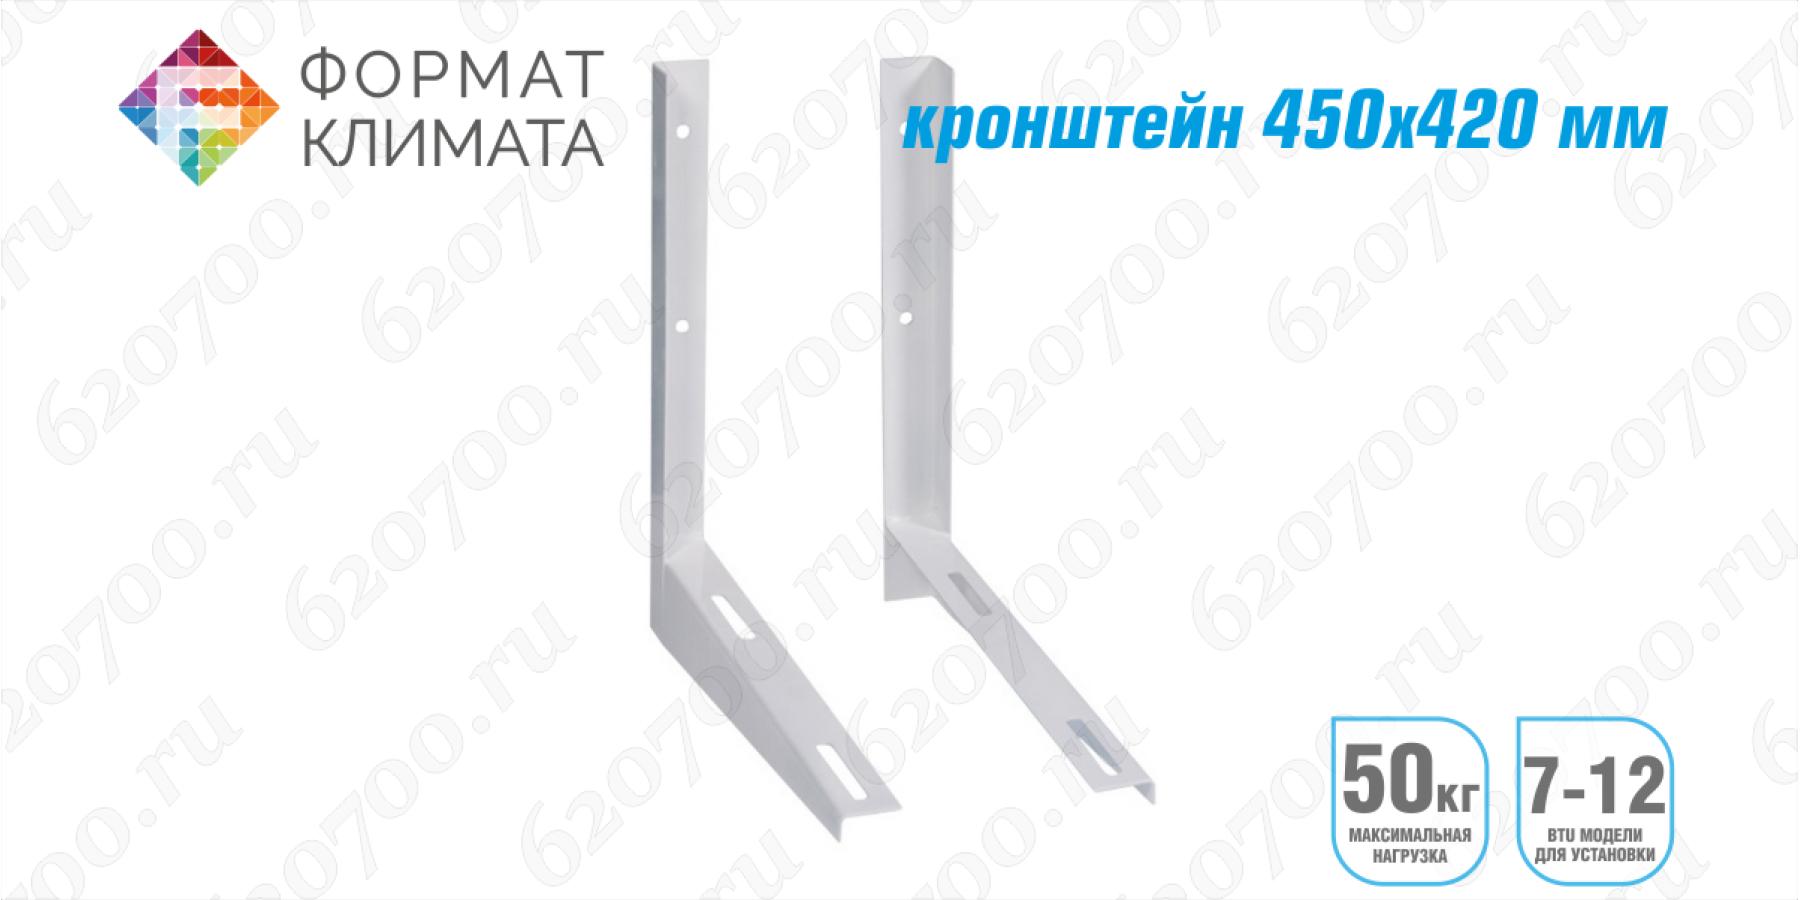 Кронштейн 450x420 мм пара для 7,9,12 BTU